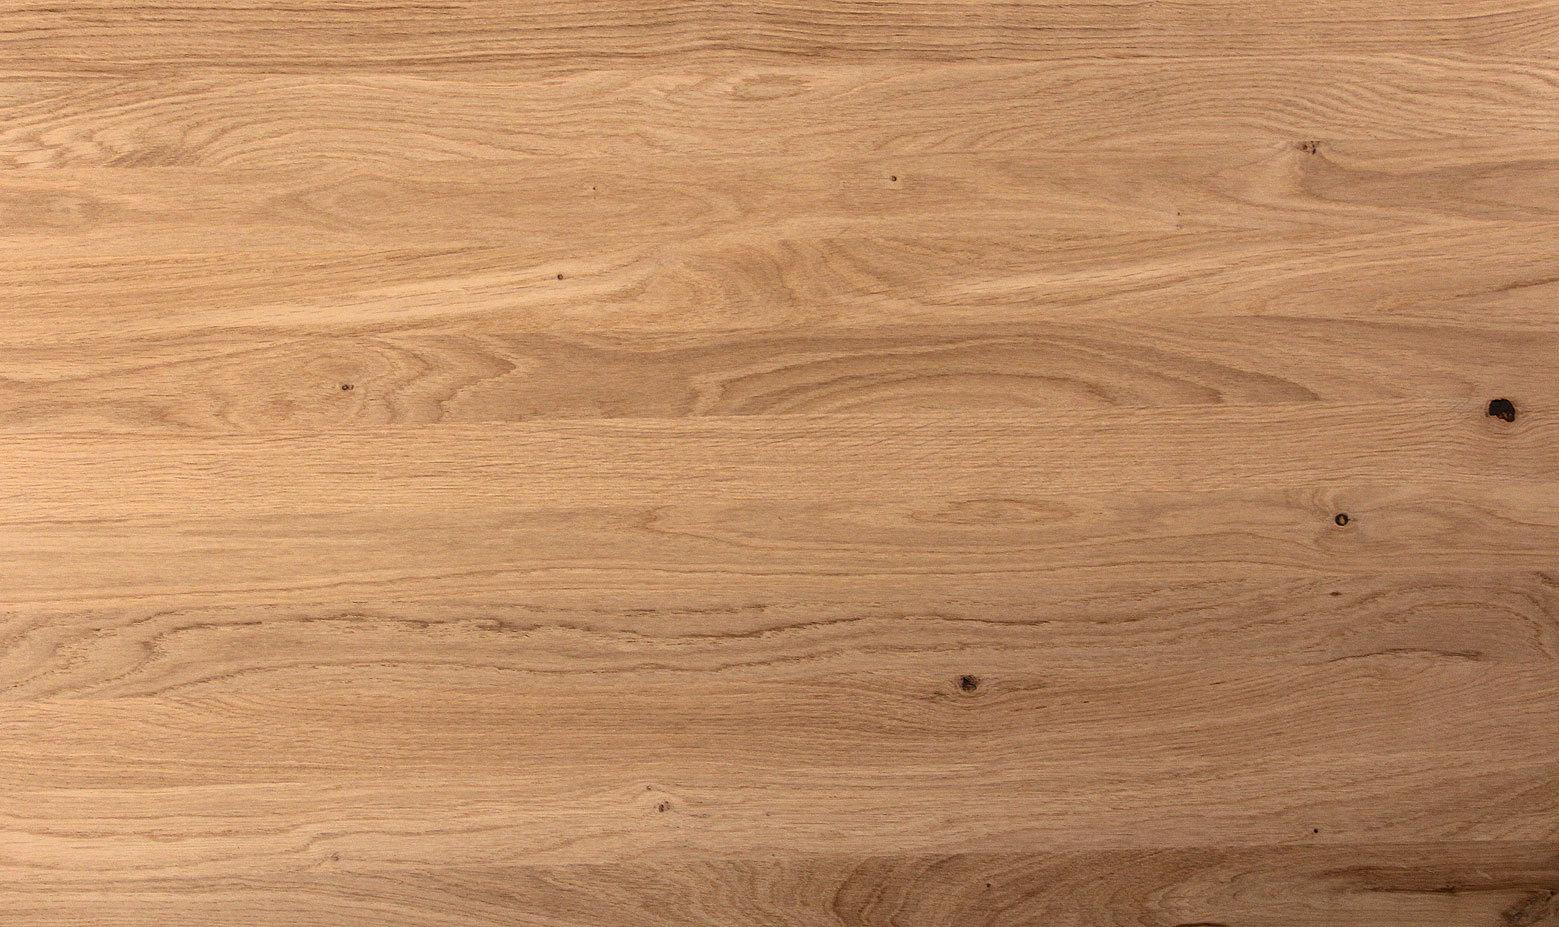 Arbeitsplatte  Kchenarbeitsplatte Massivholz Eiche natur DL 40 x diverse Lngen x 650 mm